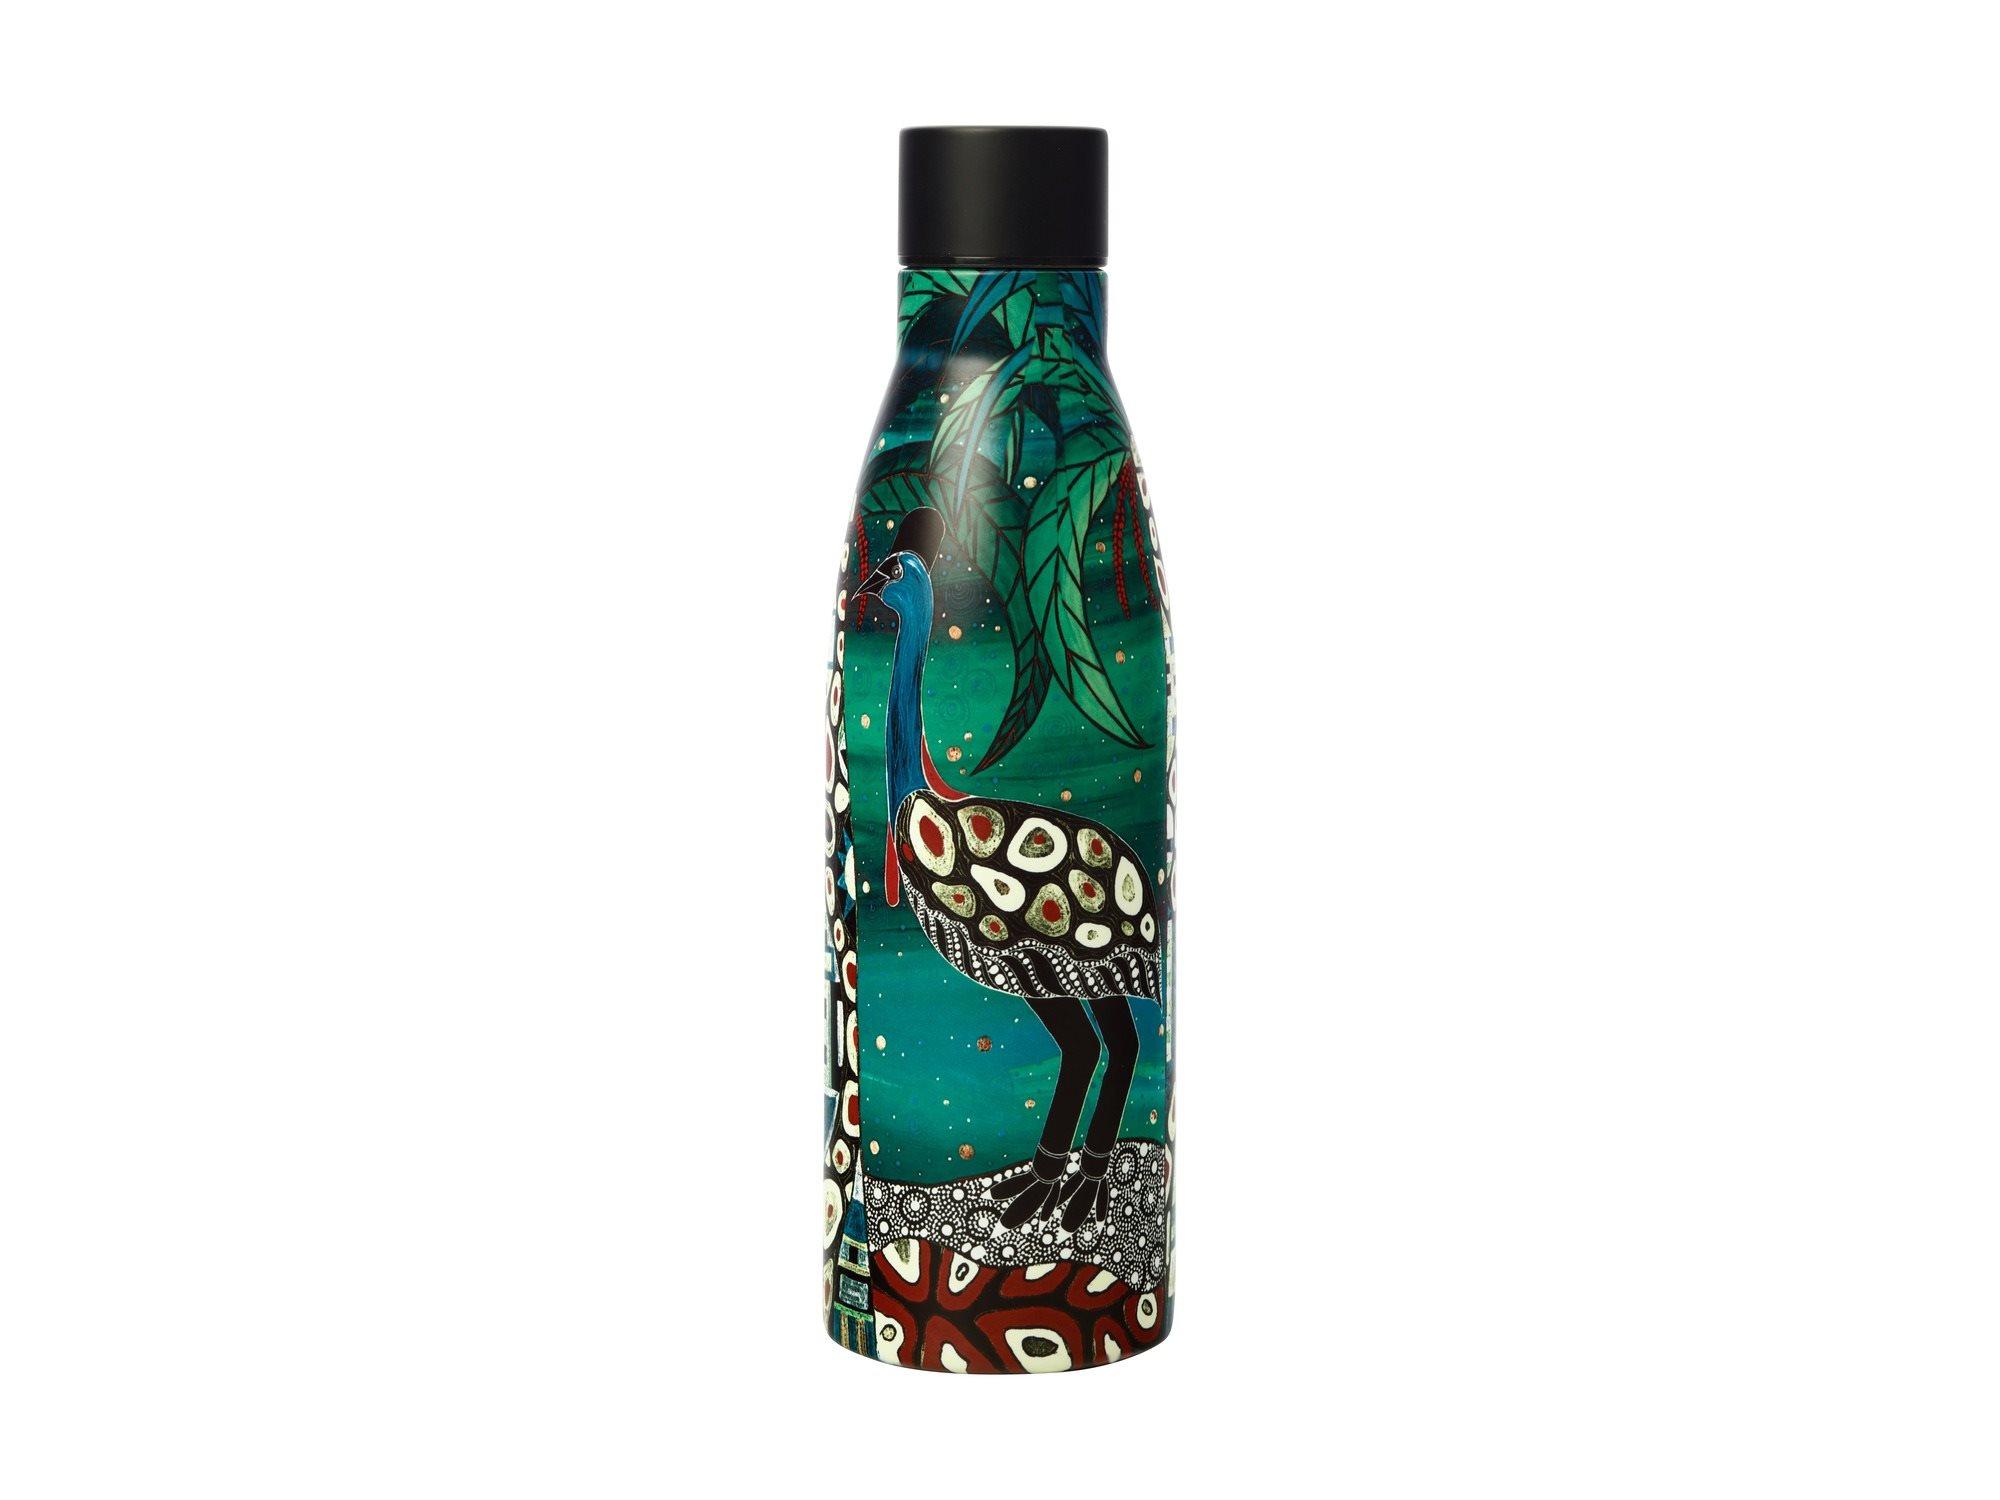 Maxwell & Williams Ανοξείδωτο Θερμομονωτικό Μπουκάλι Melanie Hava Jugaig-Bana-Wabu Cassowaries 0.50lt